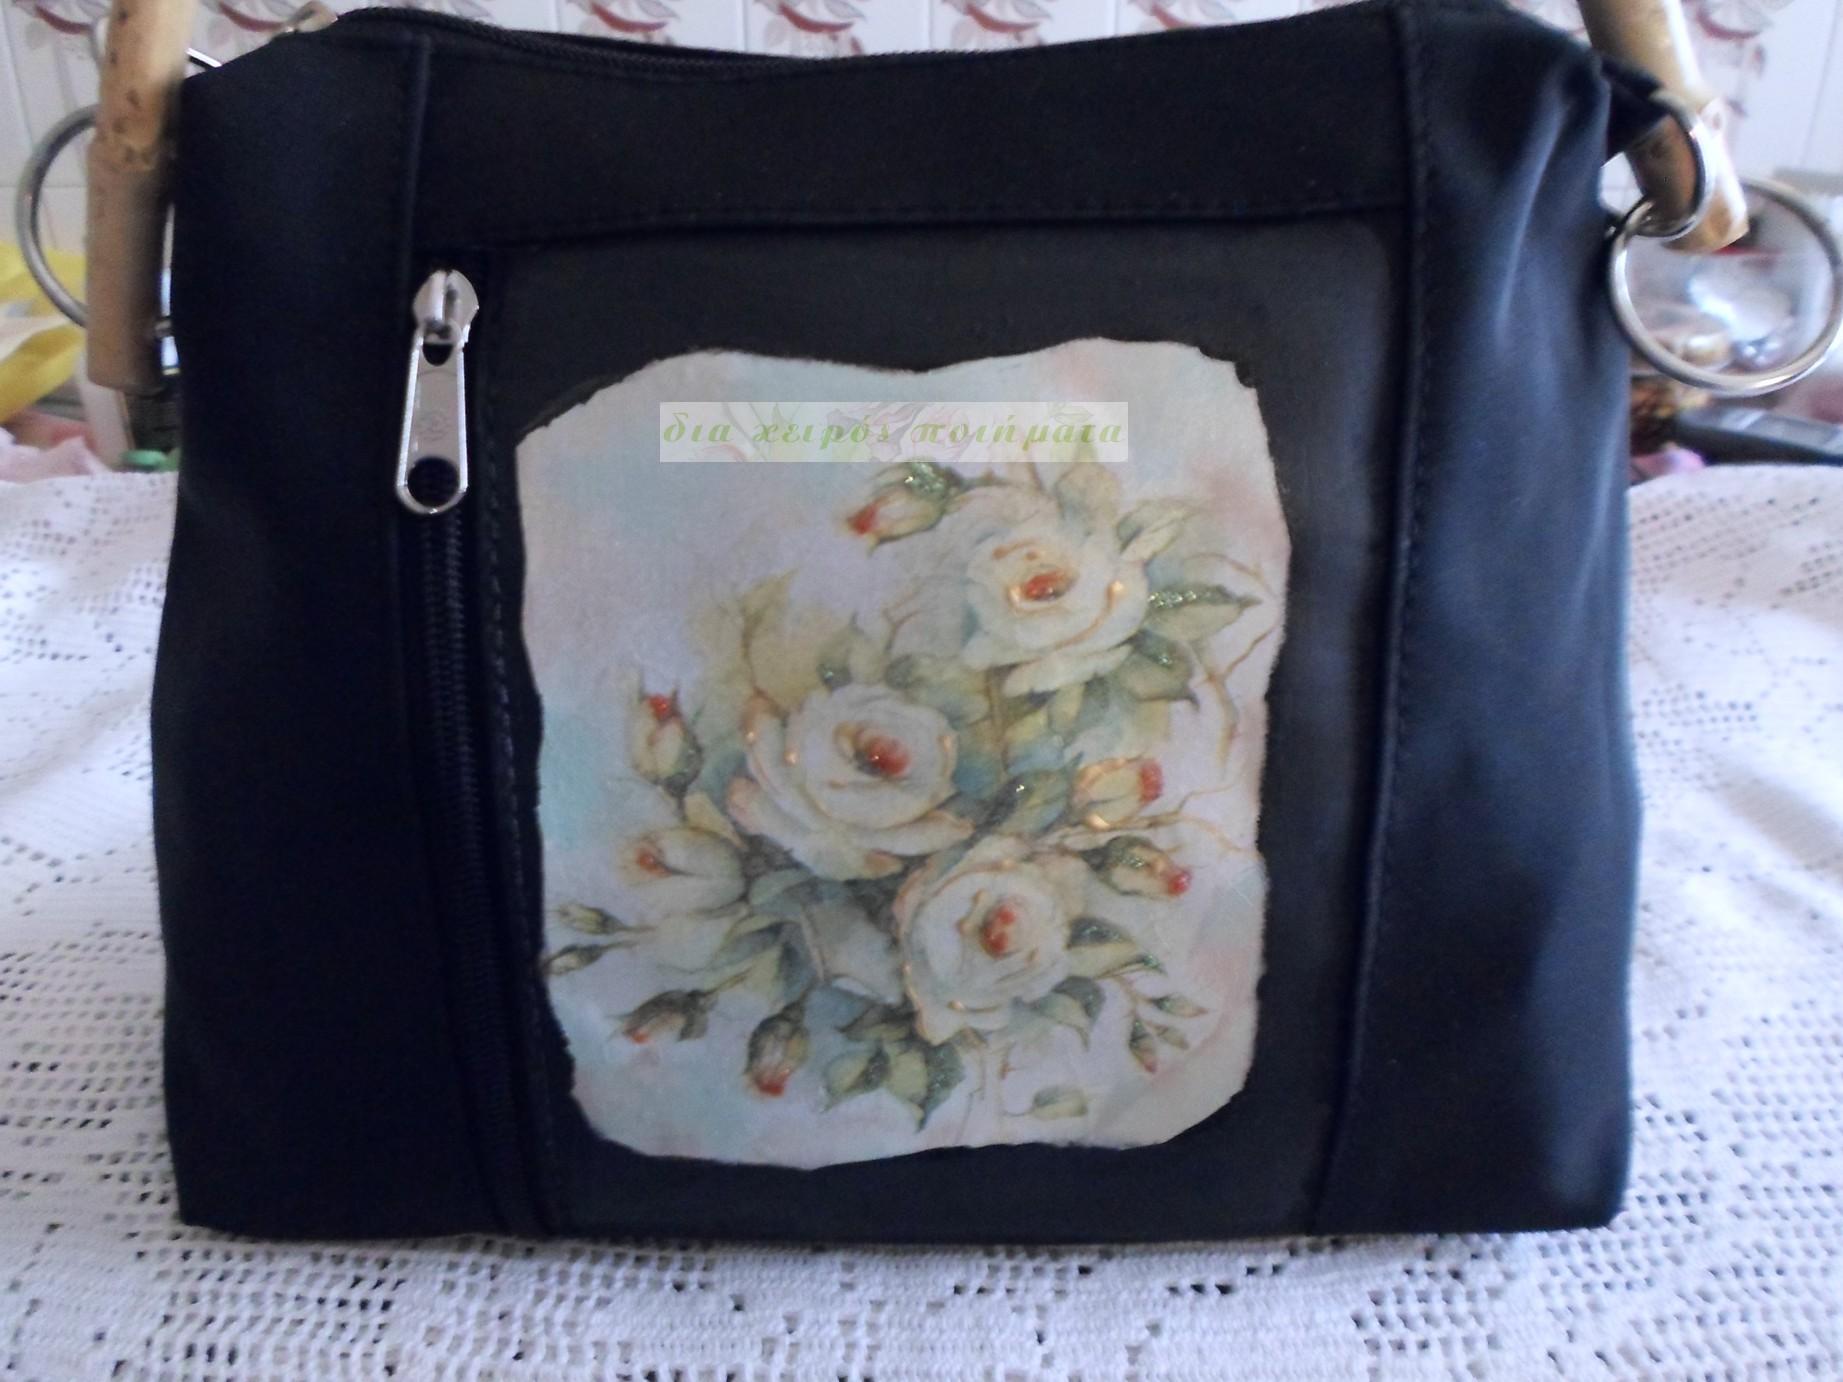 H αλλαγή μιας μαύρης τσάντας με τεχνική decoupage